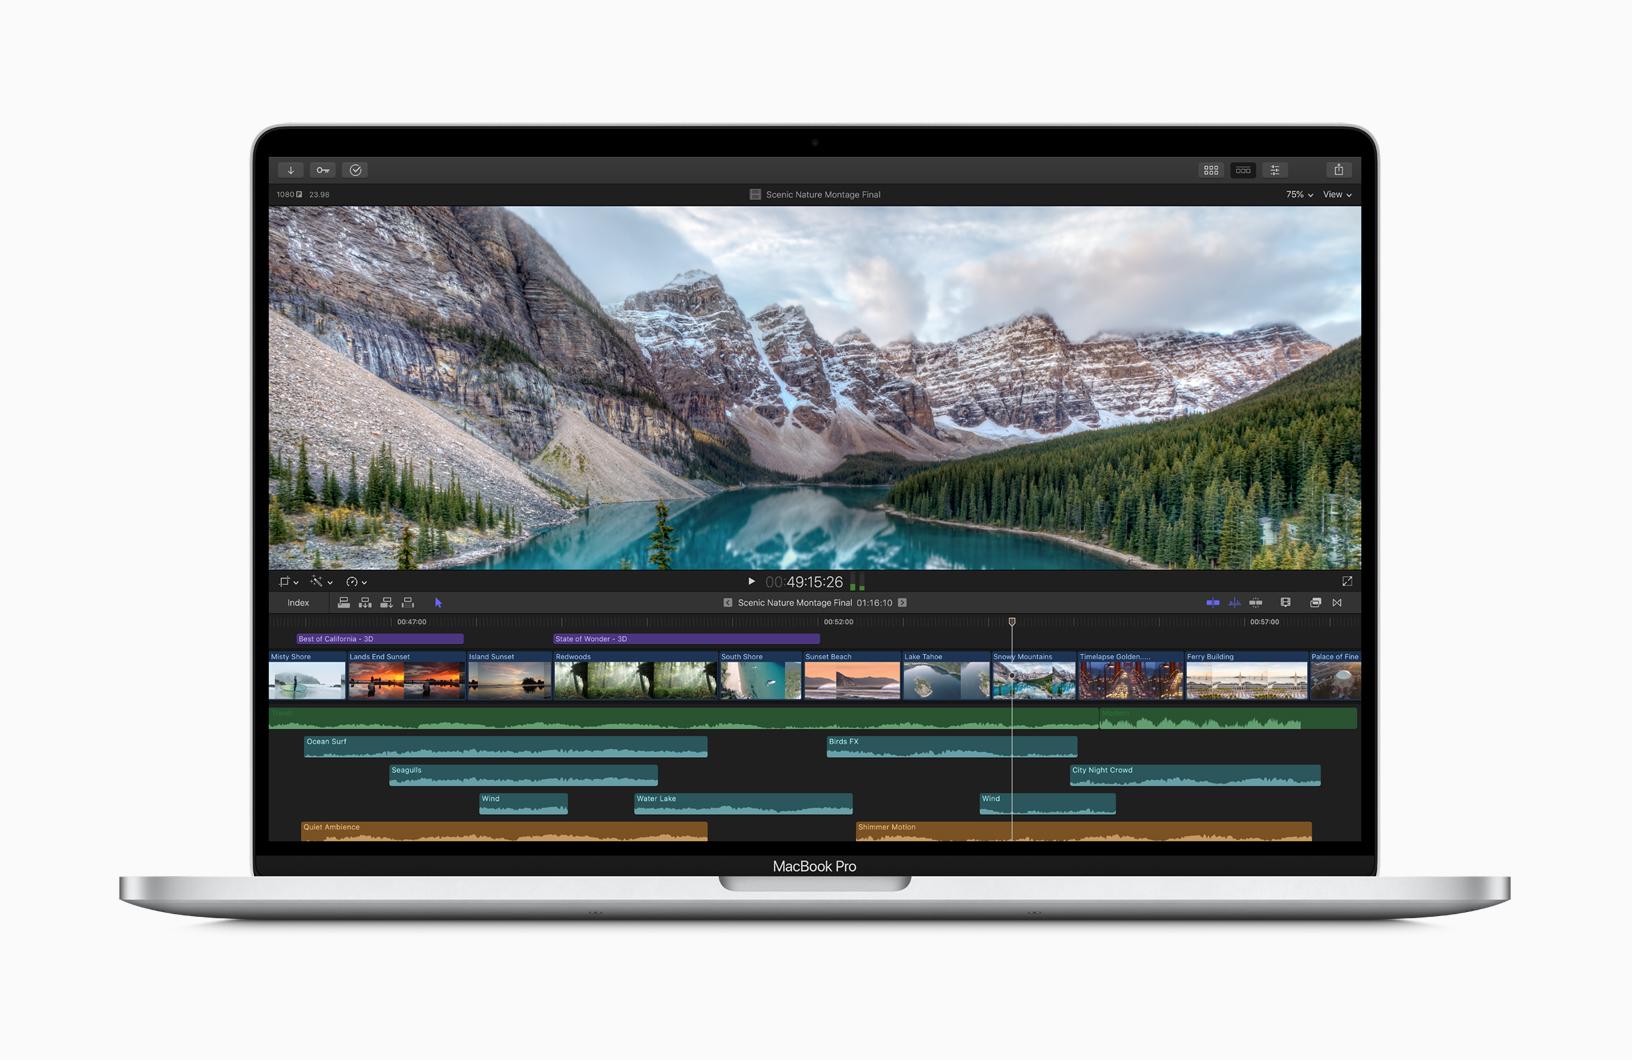 Le MacBook Pro 16 pouces aurait des problèmes de haut-parleur